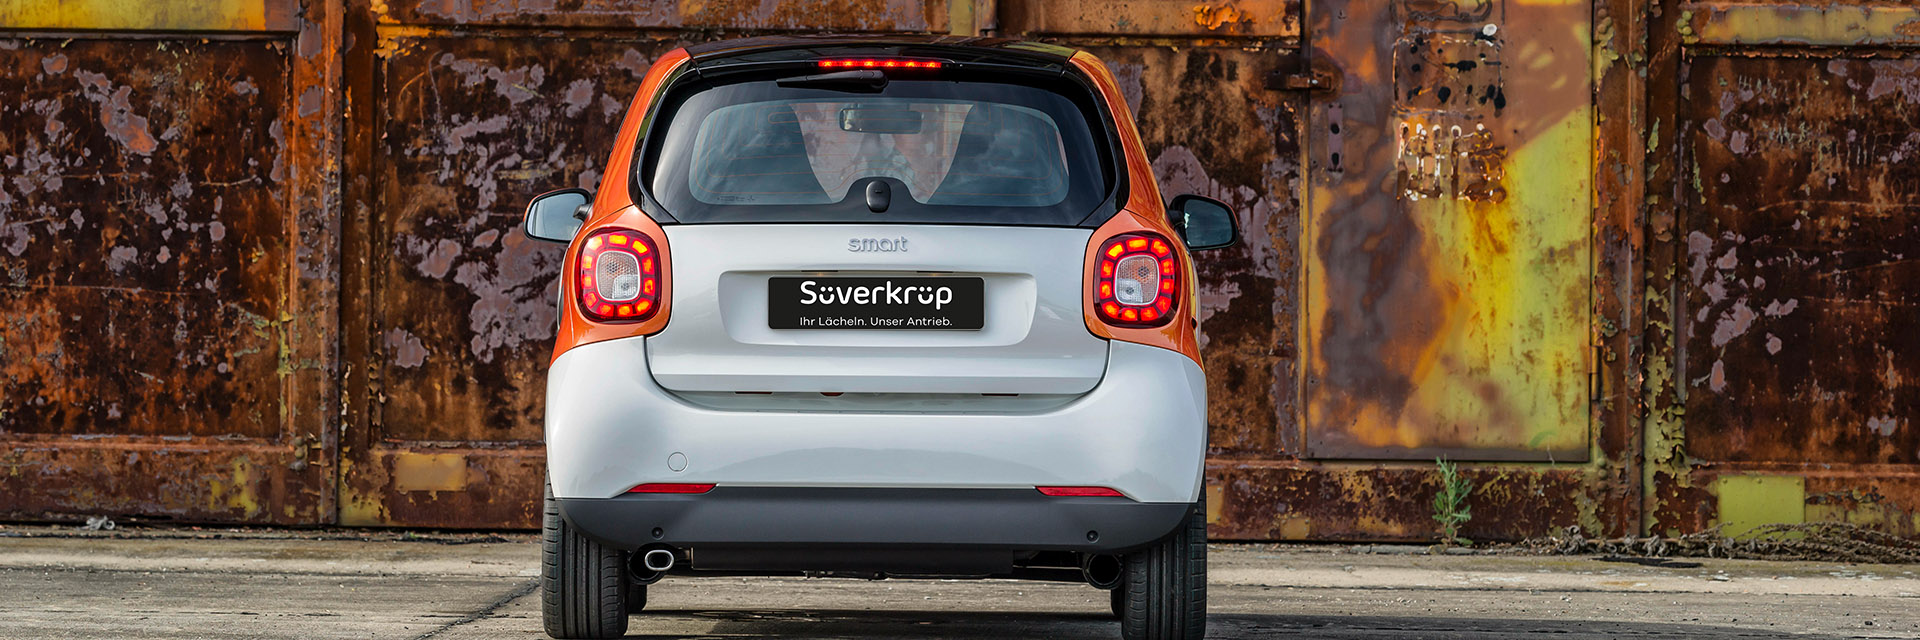 smart EQ fortwo PKW Neuwagen Verkauf Süverkrüp Automobile